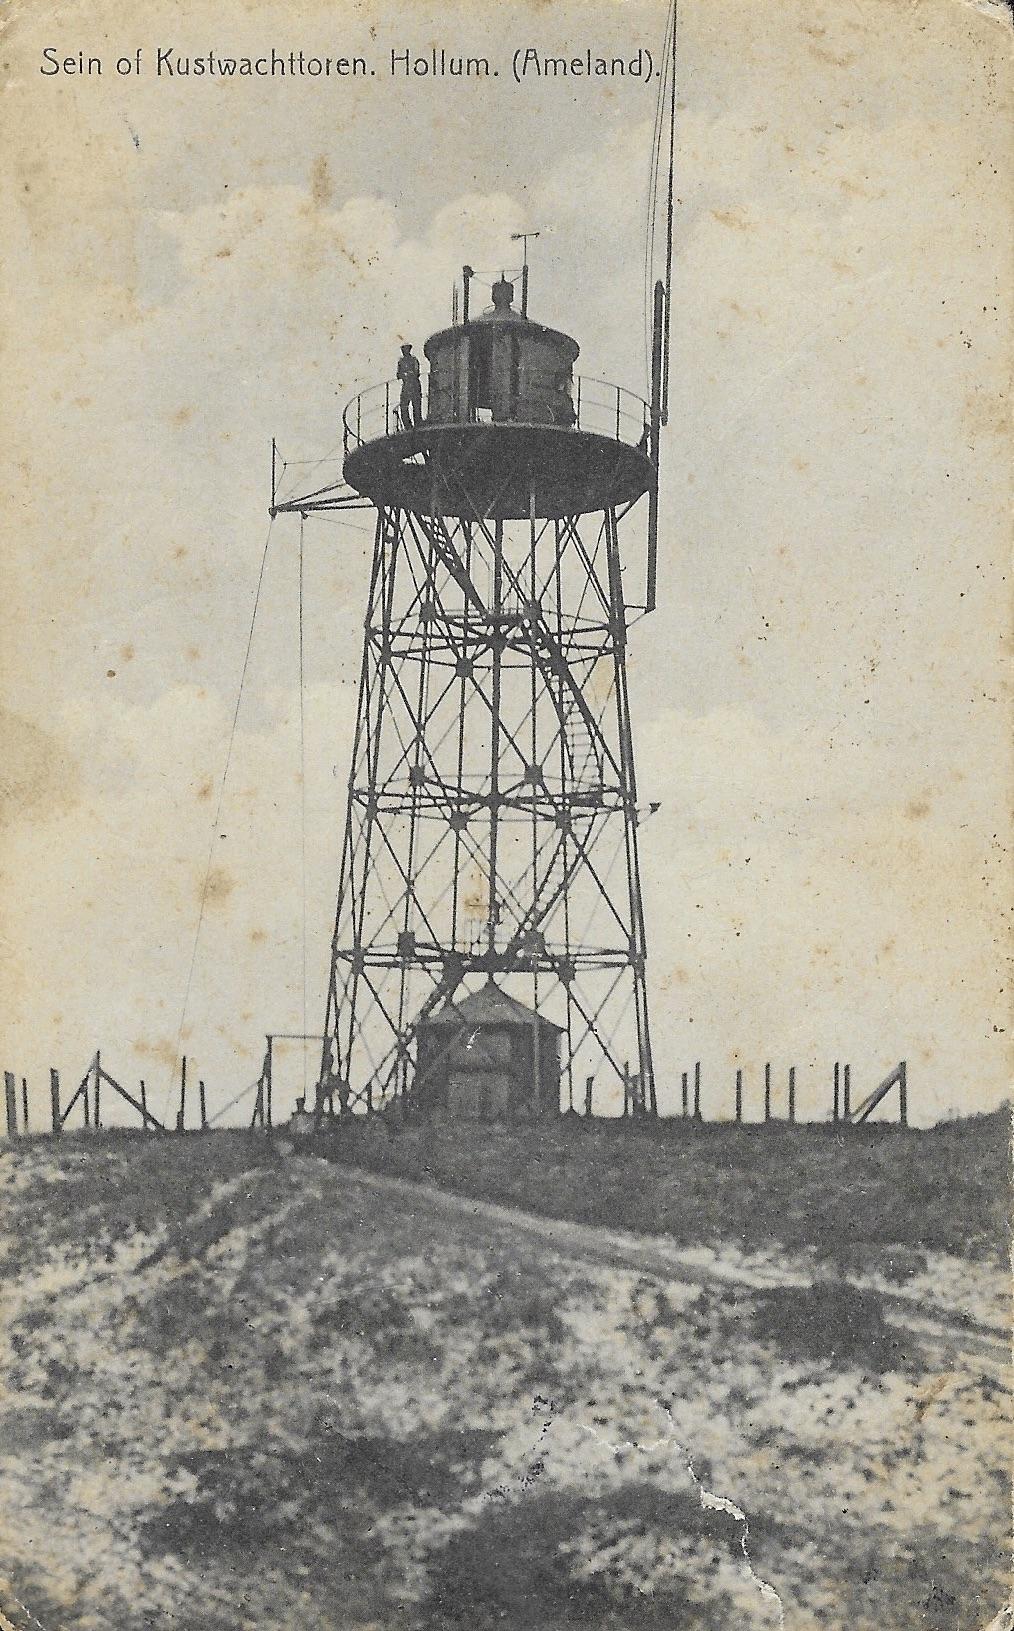 Hollum, sein of kustwachttoren